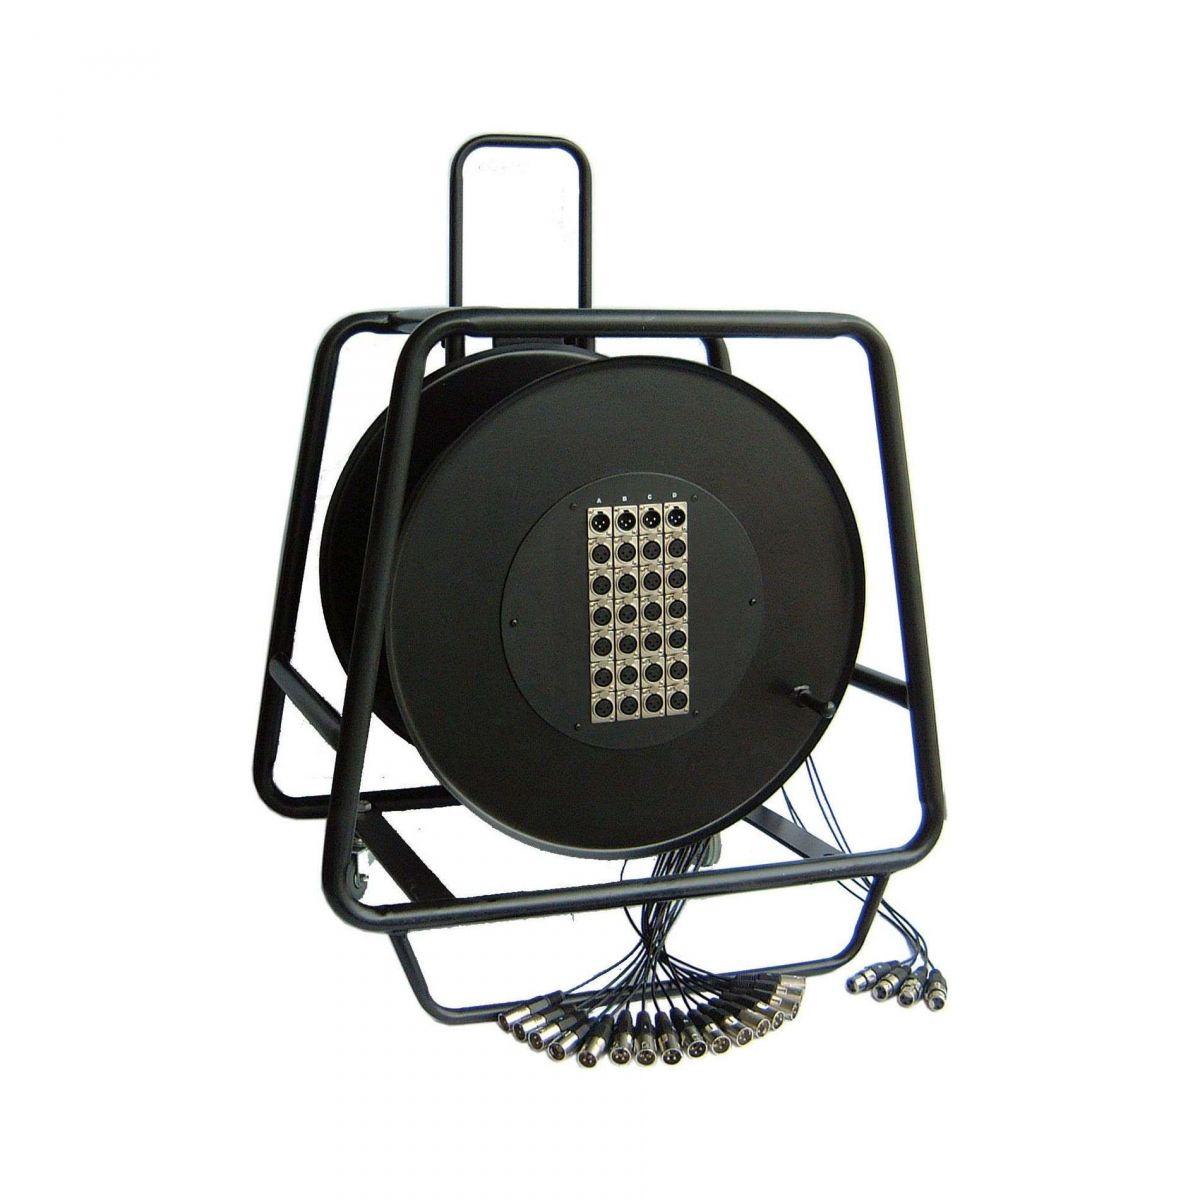 Multipaires - Power Acoustics - Accessoires - SNAKE 2094